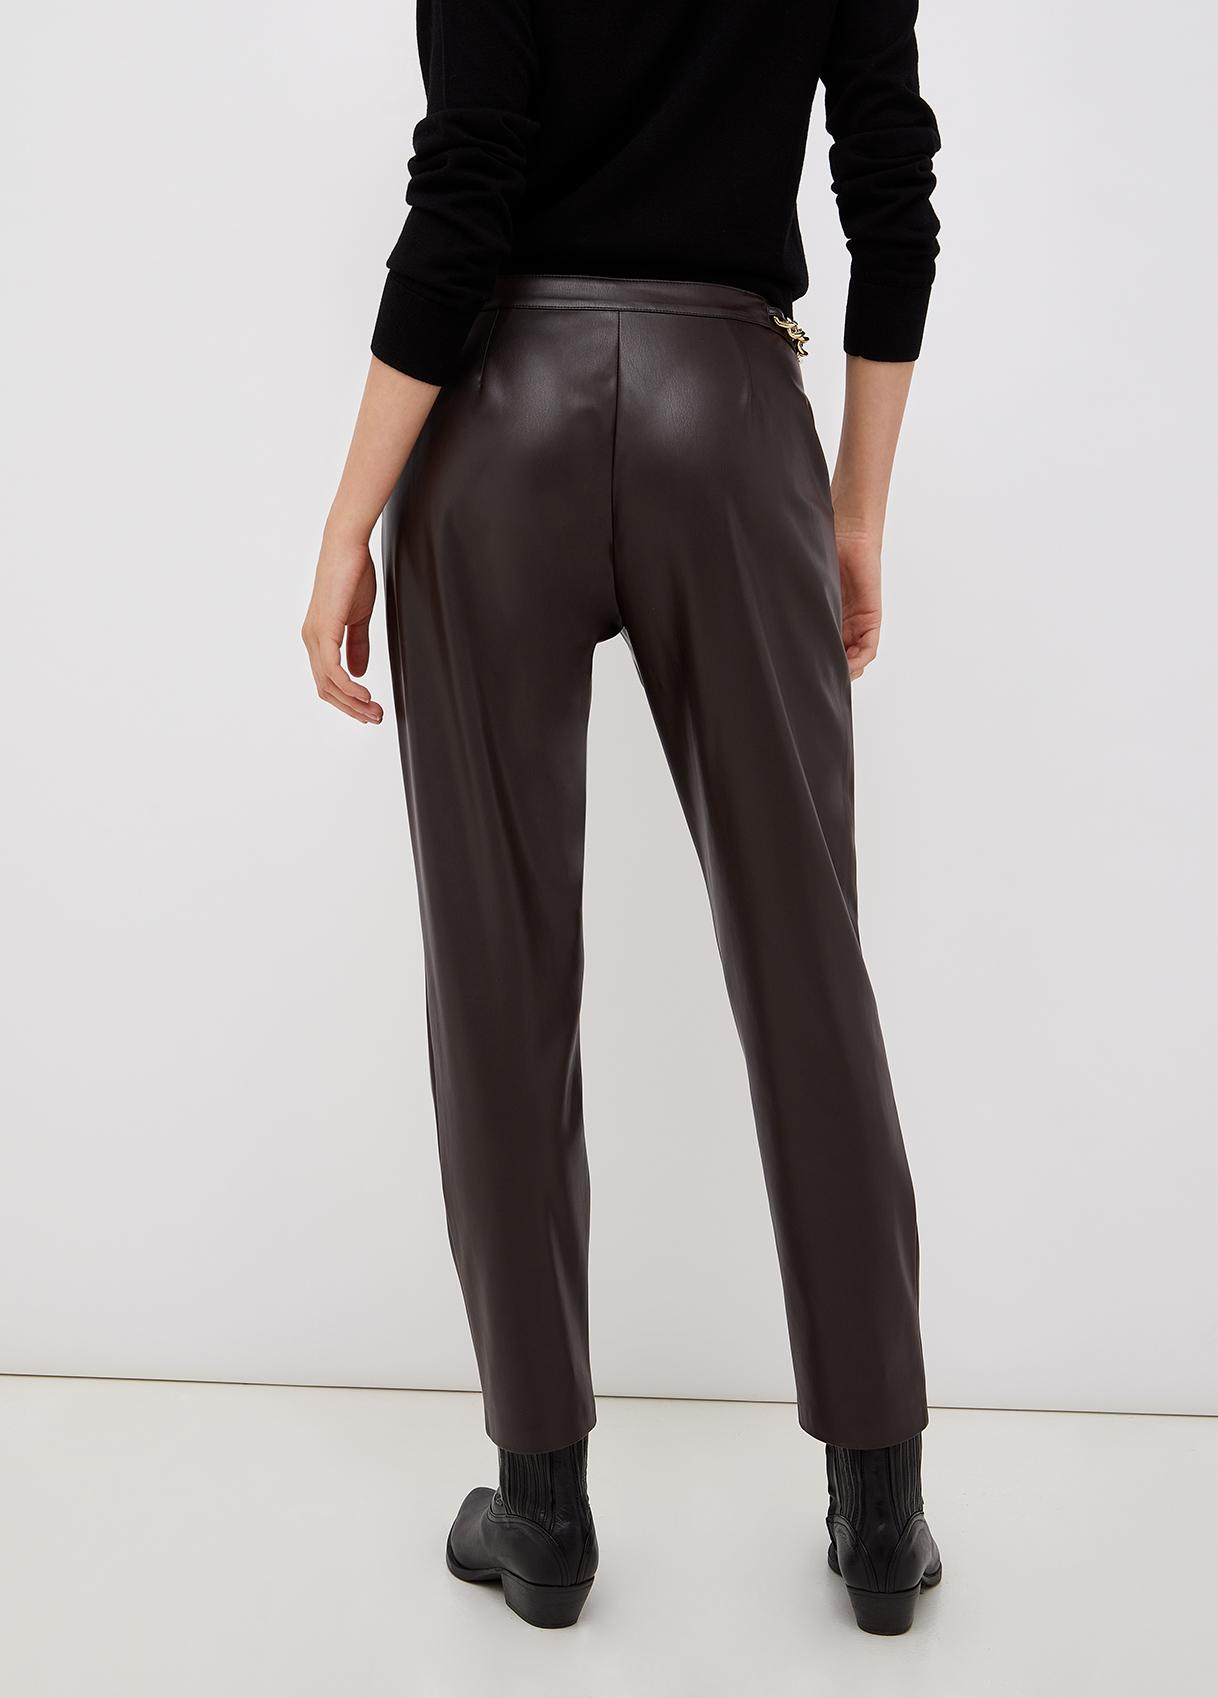 Pantalone donna color cioccolato Liu Jo   CF1011E0641X0385